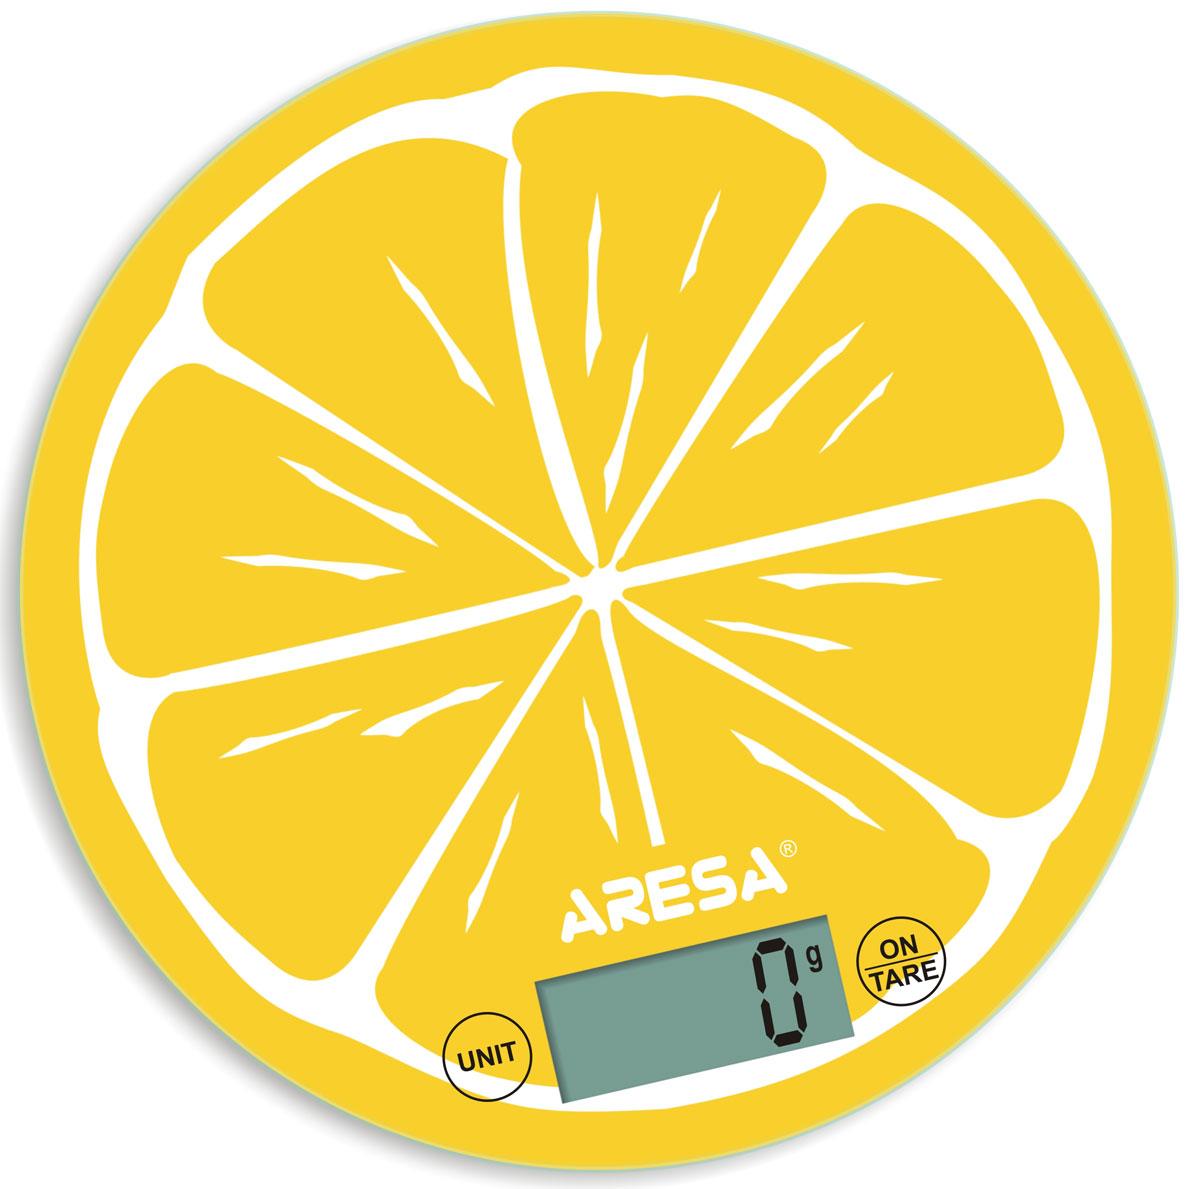 Aresa SK-412 кухонные весыSK-412Кухонные электронные весы Aresa SK-412 - незаменимые помощники современной хозяйки. Они помогут точно взвесить любые продукты и ингредиенты. Кроме того, позволят людям, соблюдающим диету, контролировать количество съедаемой пищи и размеры порций. Предназначены для взвешивания продуктов с точностью измерения 1 грамм. Минимальная нагрузка: 10 г